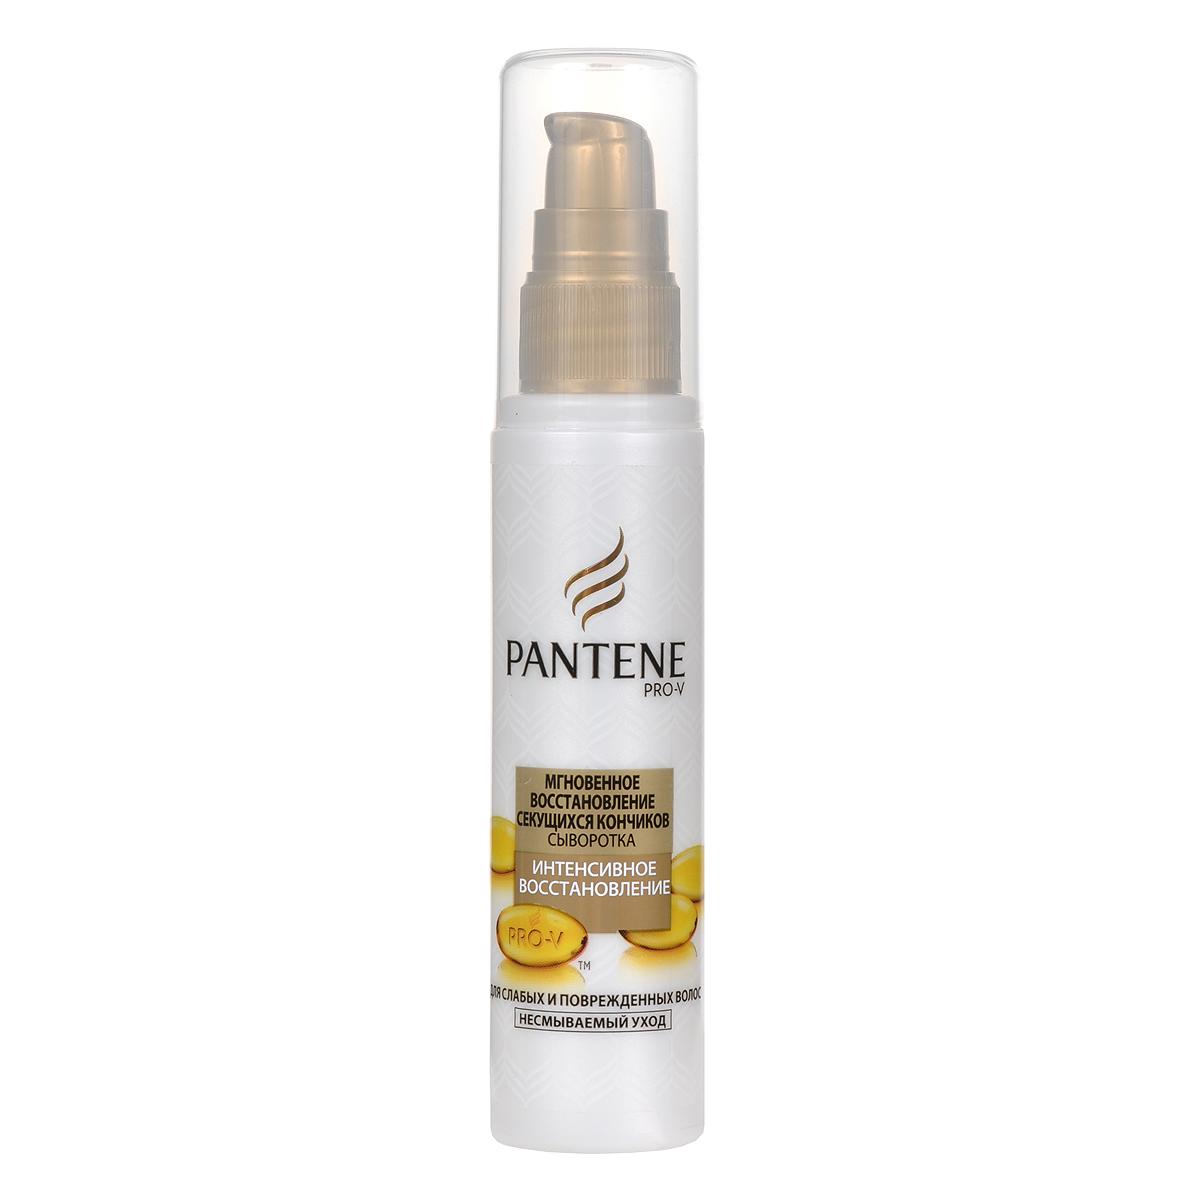 Pantene Pro-V Сыворотка для секущихся кончиков Мгновенное восстановление, для слабых и поврежденных волос, 75 млPT-81439735Сыворотка Pantene Pro-V Мгновенное восстановление предназначена для слабых и поврежденных волос. Интенсивно восстанавливает и защищает поврежденные кончики волос. Питательный эликсир помогает решить проблему секущихся кончиков, интенсивно восстанавливая, защищая и питая поврежденные участки волос. Способ применения : нанесите небольшое количество на кончики волос легкими массажными движениями. Не смывать.